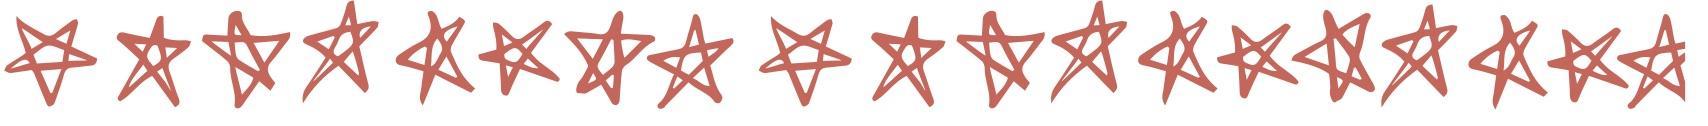 Image result for stars divider